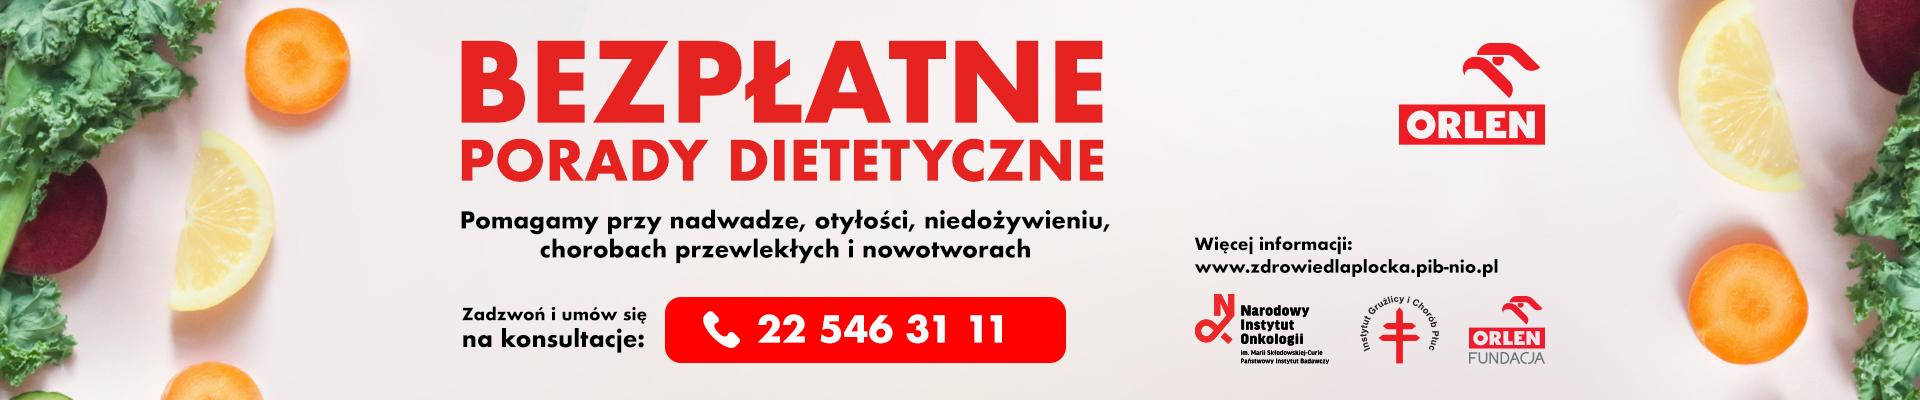 Bezpłatne porady dietetyczne